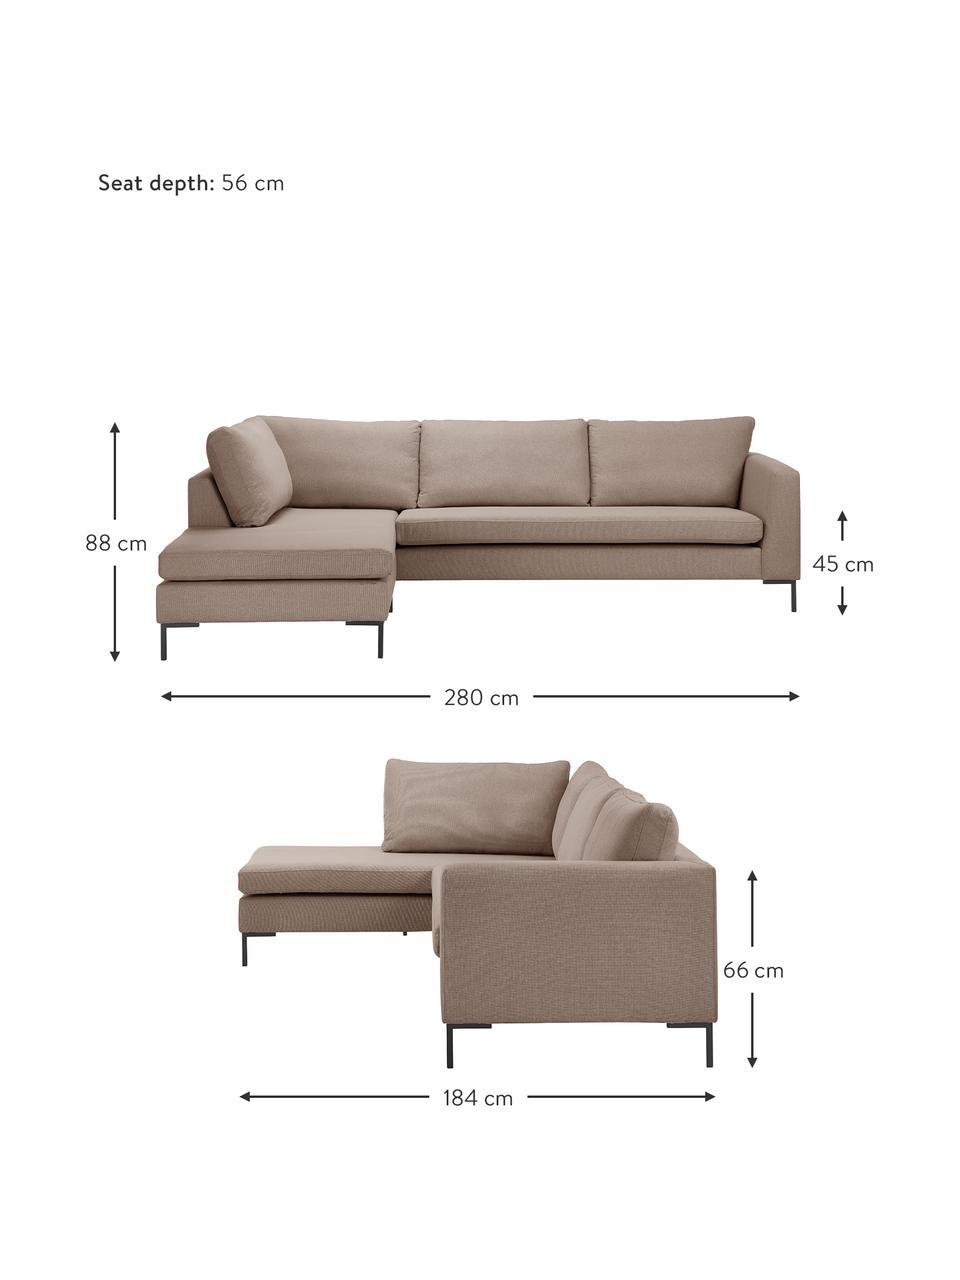 Sofa narożna z metalowymi nogami Luna, Tapicerka: 100% poliester Dzięki tka, Stelaż: lite drewno bukowe, Nogi: metal galwanizowany, Brązowy, S 280 x G 184 cm